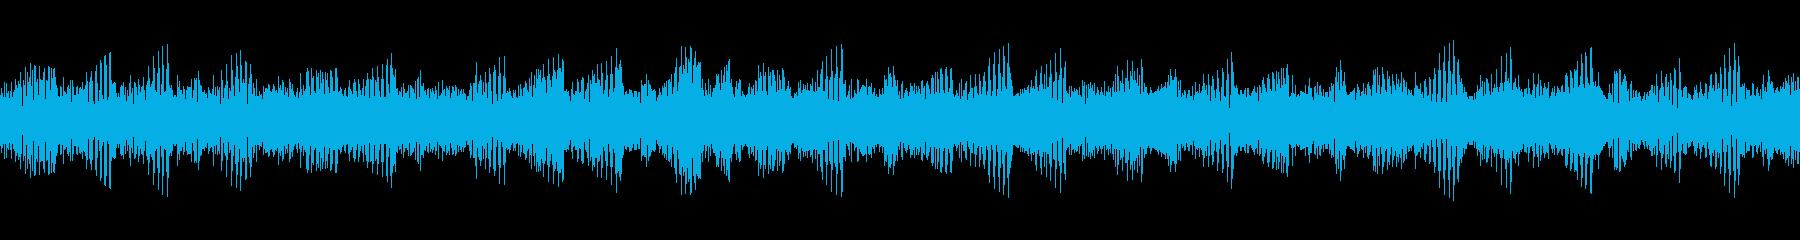 ヘビーギター4、BPM140、A、リフの再生済みの波形